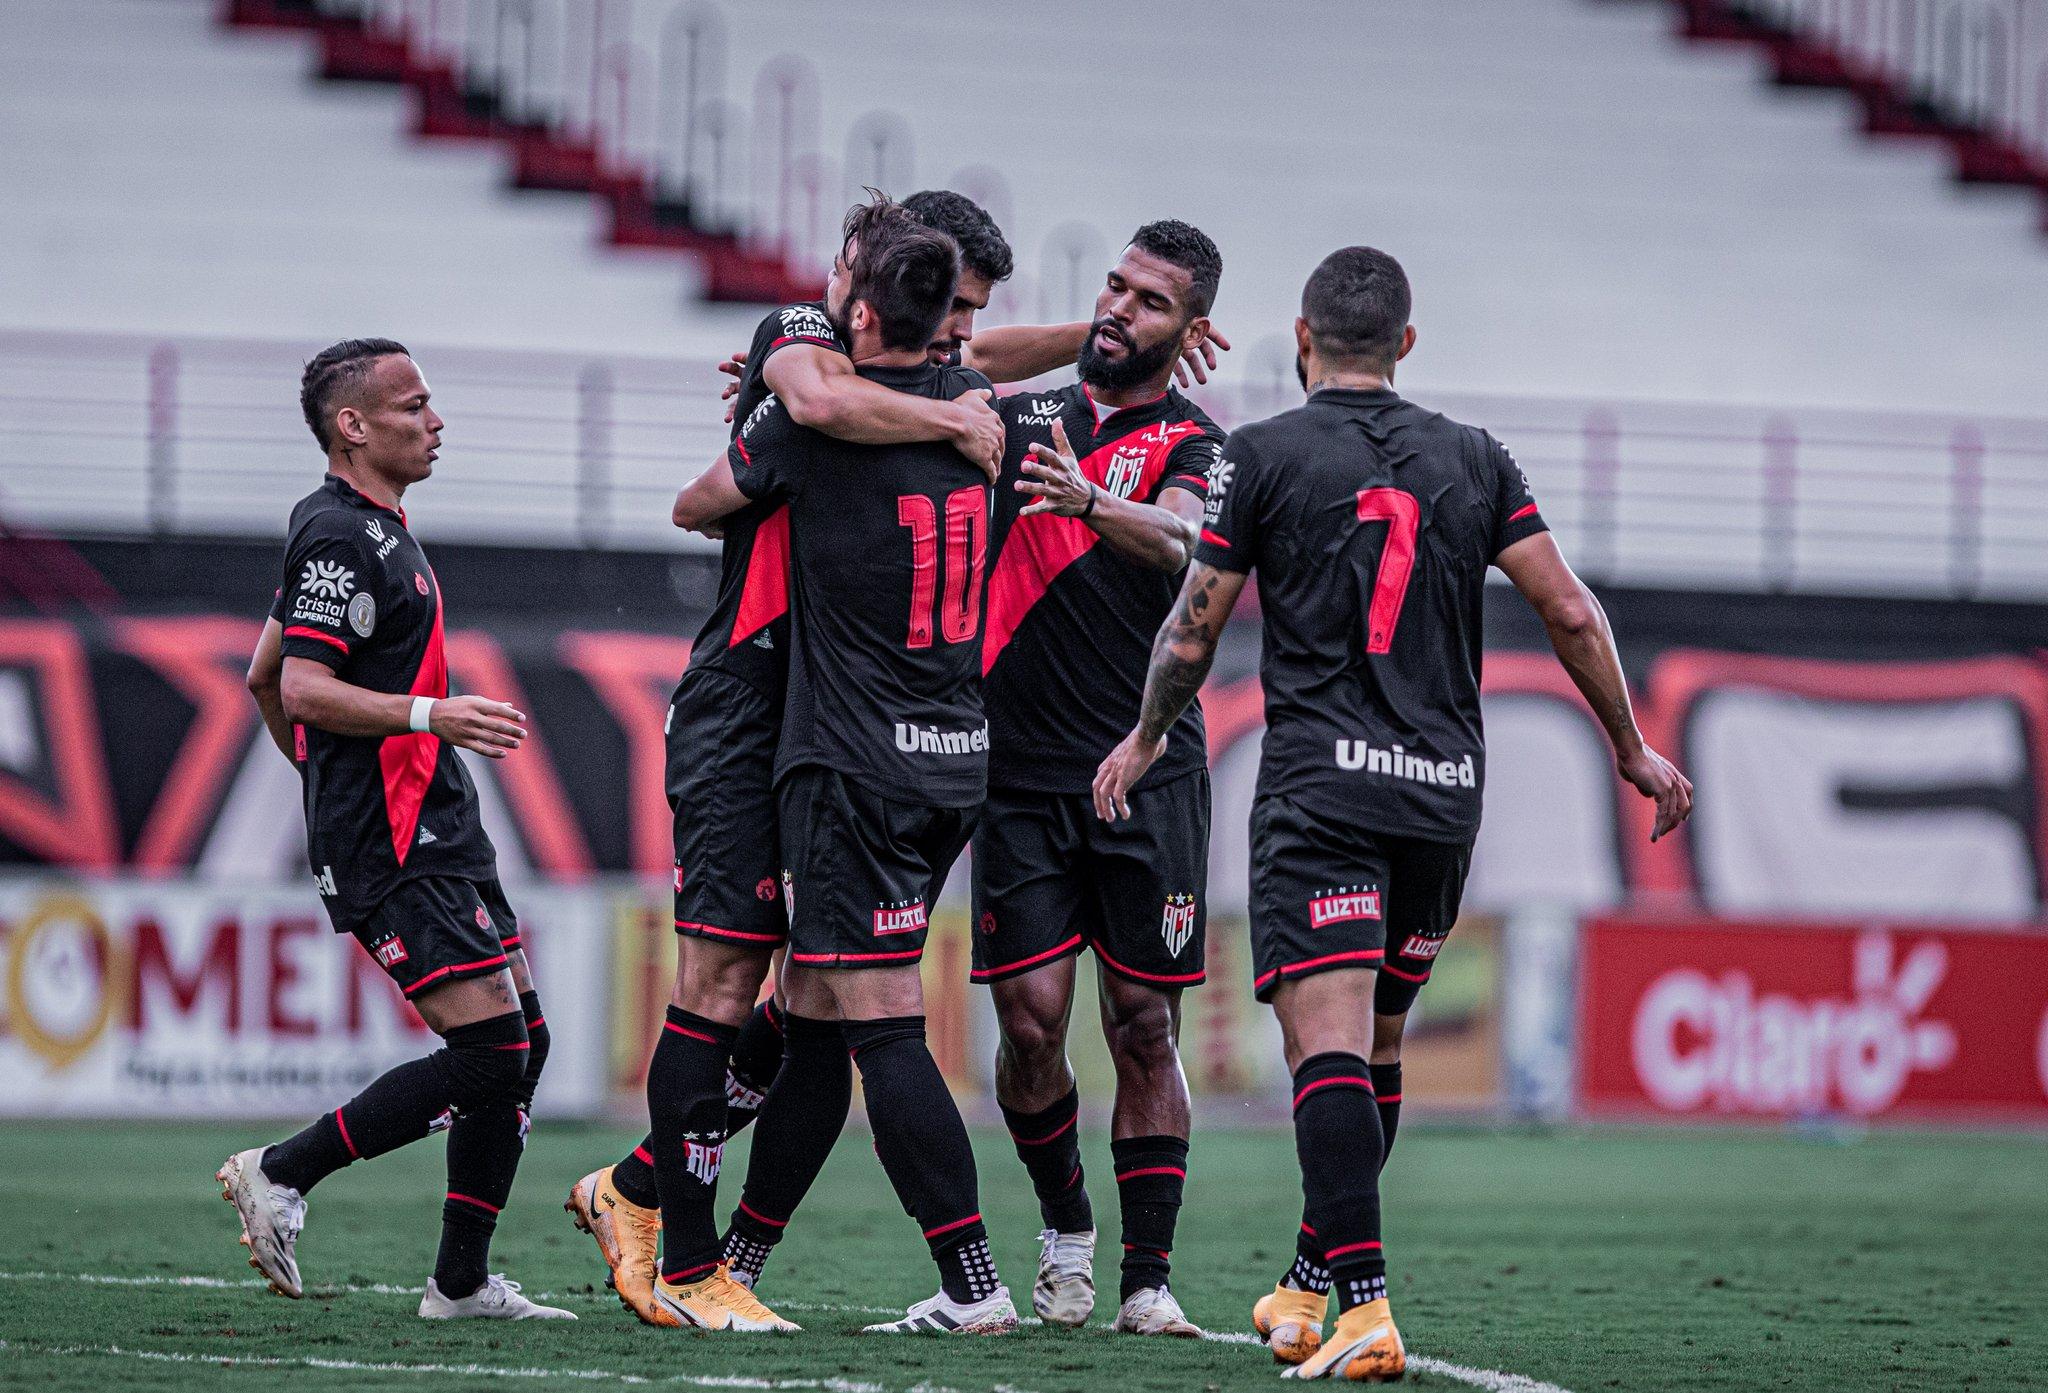 Atlético goleia o Anápolis e se classifica para as semifinais do Campeonato Goiano